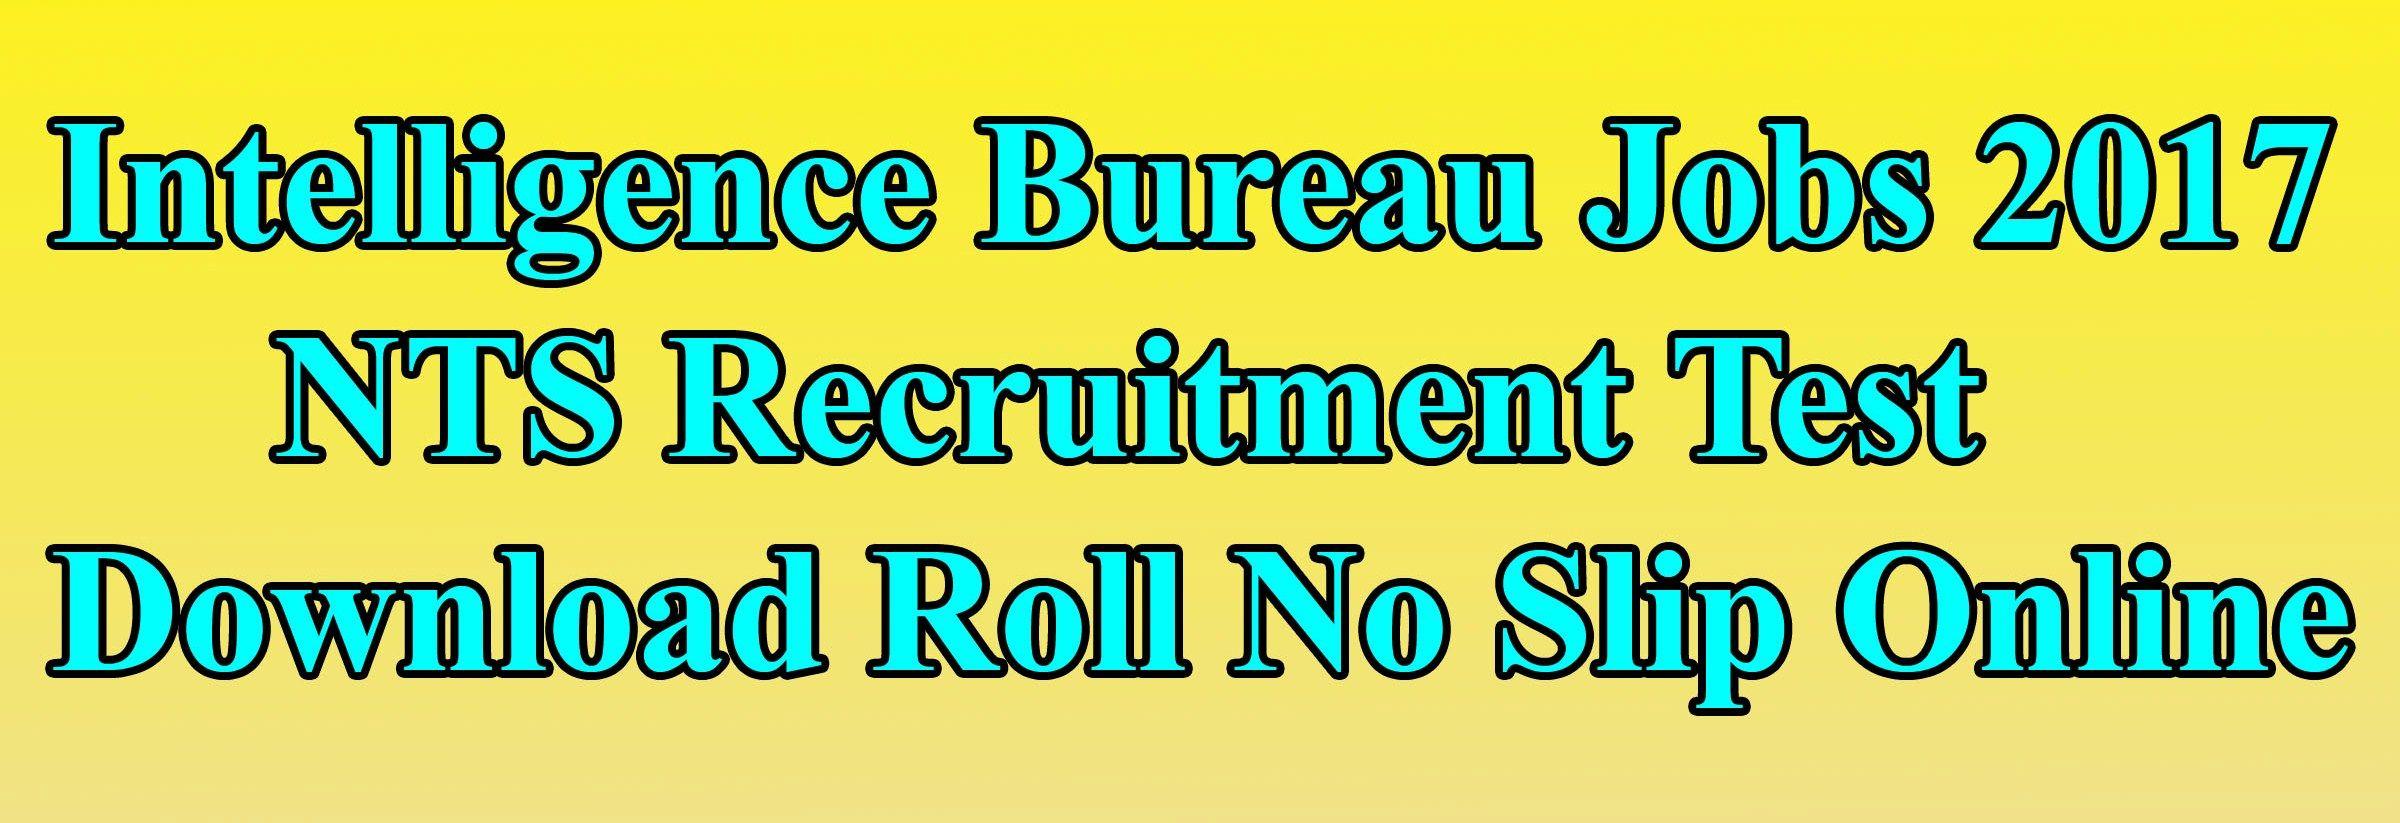 Intelligence Bureau Ib Jobs 2017 Nts Test Roll No Slip